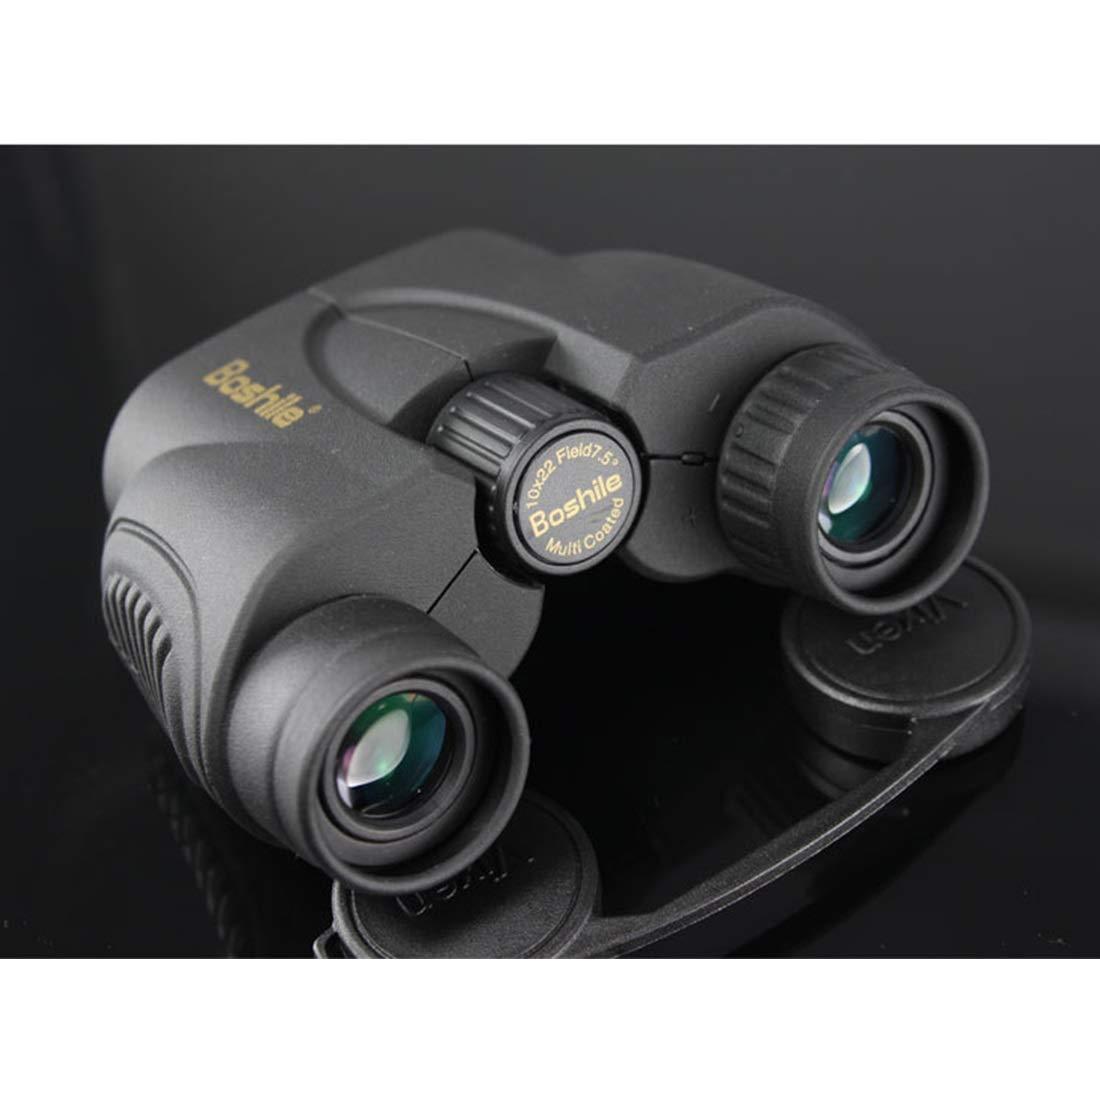 【通販激安】 KERVINJESSIE 10x22 コンパクト双眼鏡 バードウォッチング ハイキング 防水 双眼鏡 コーティングレンズ付き 大人用  ブラック B07KC18VQX, ファミリー庭園ネットショップ b01e227e